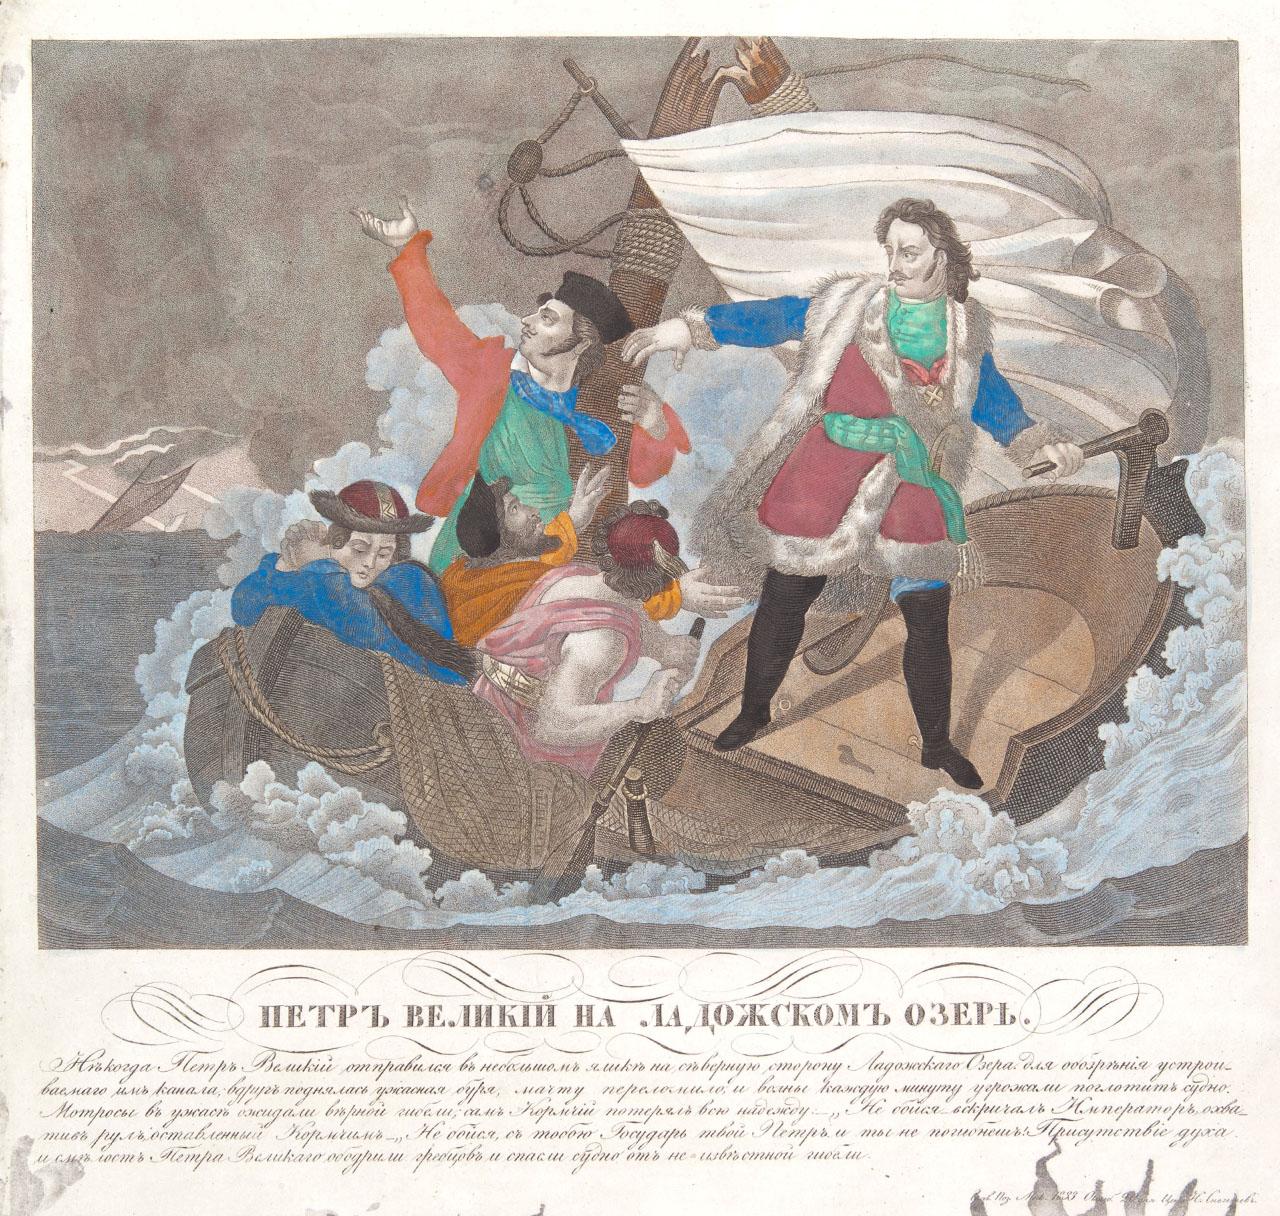 Функцията им е не само да забавляват, но и да информират, като заместват периодичния печат за неграмотните хора в Руската империя. / Петър Велики на езерото Лагода, 1833